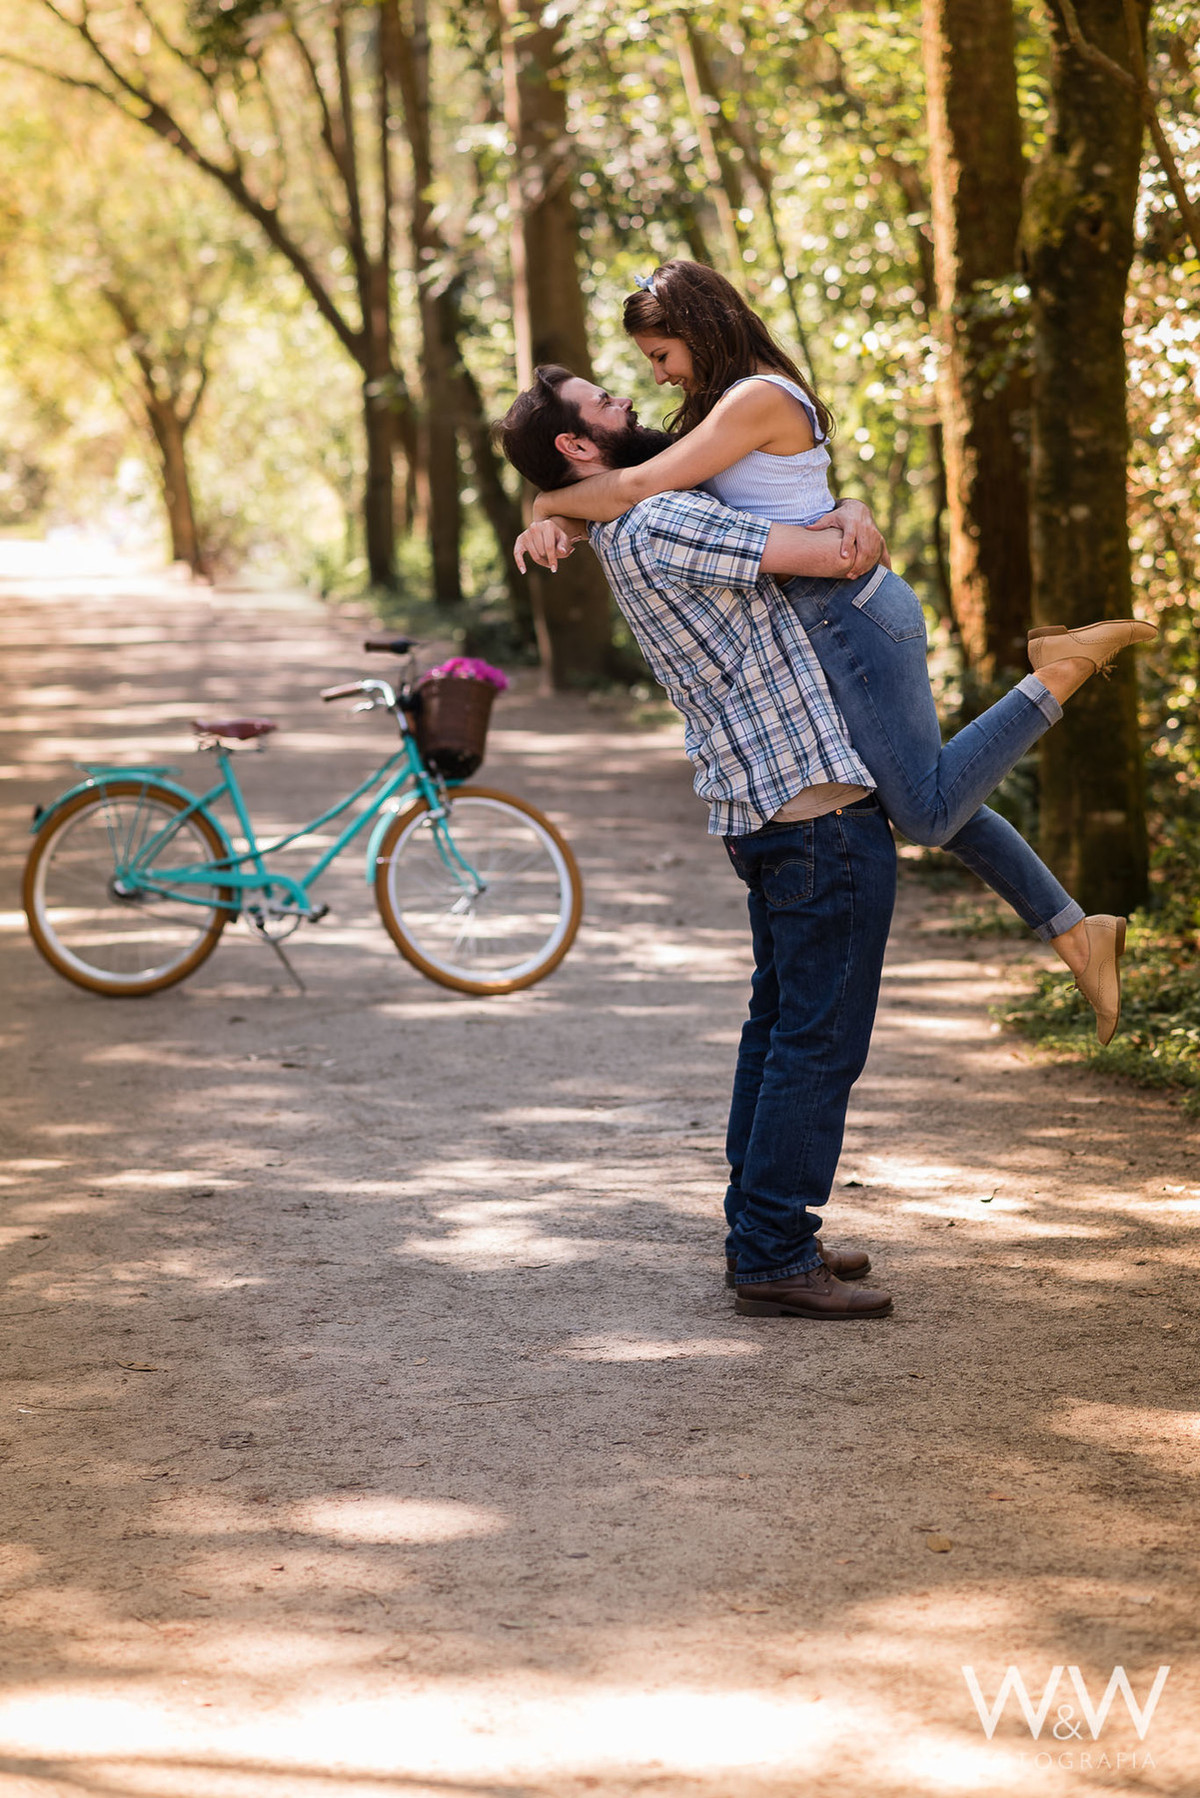 ensaio pré wedding casaL são paulo parque ecológico do tietê bicicleta retro temático